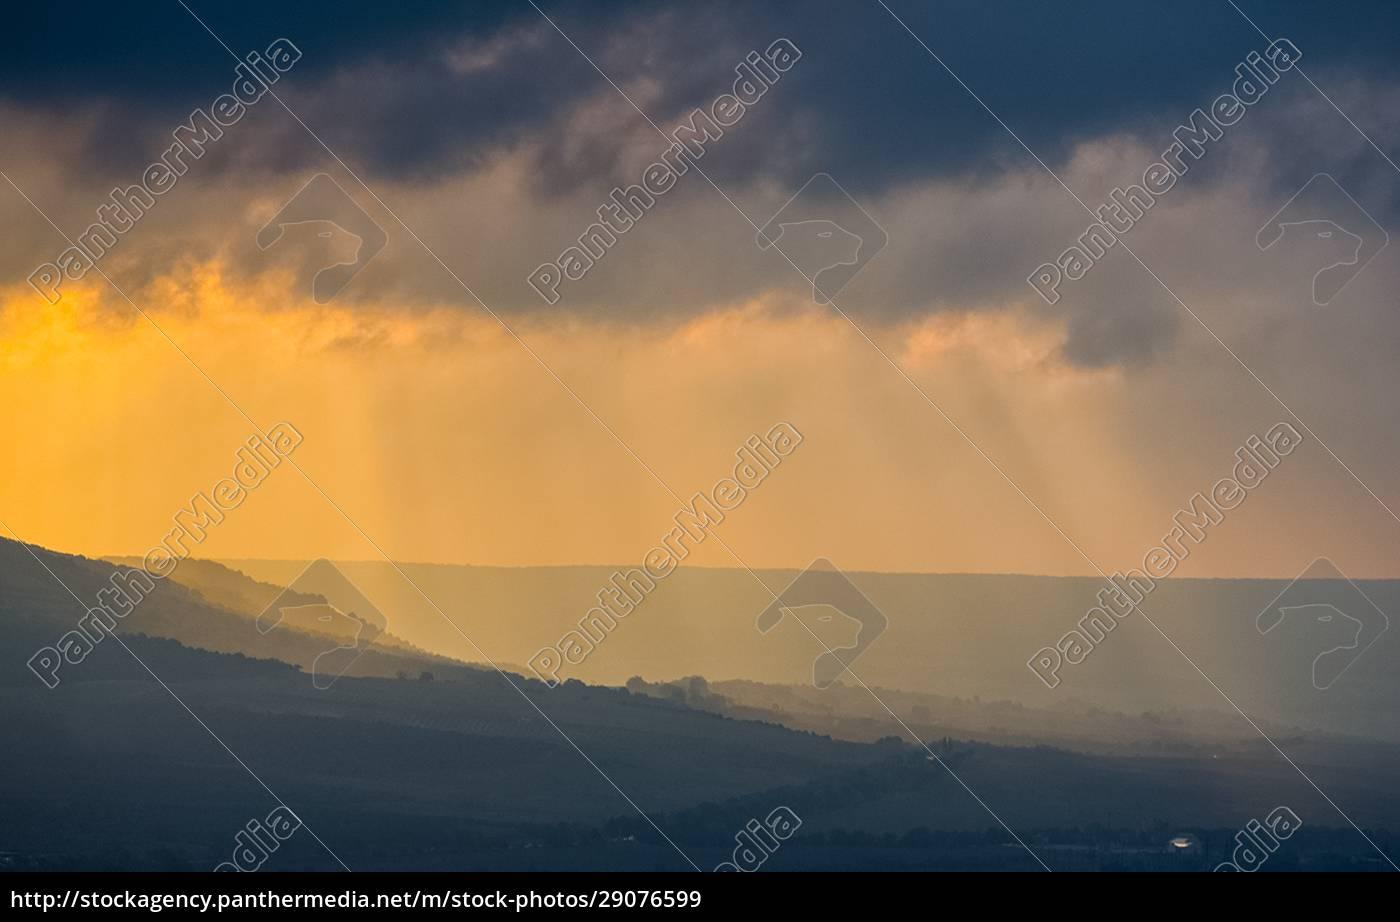 morgendämmerung, in, den, bergen, der, krim. - 29076599